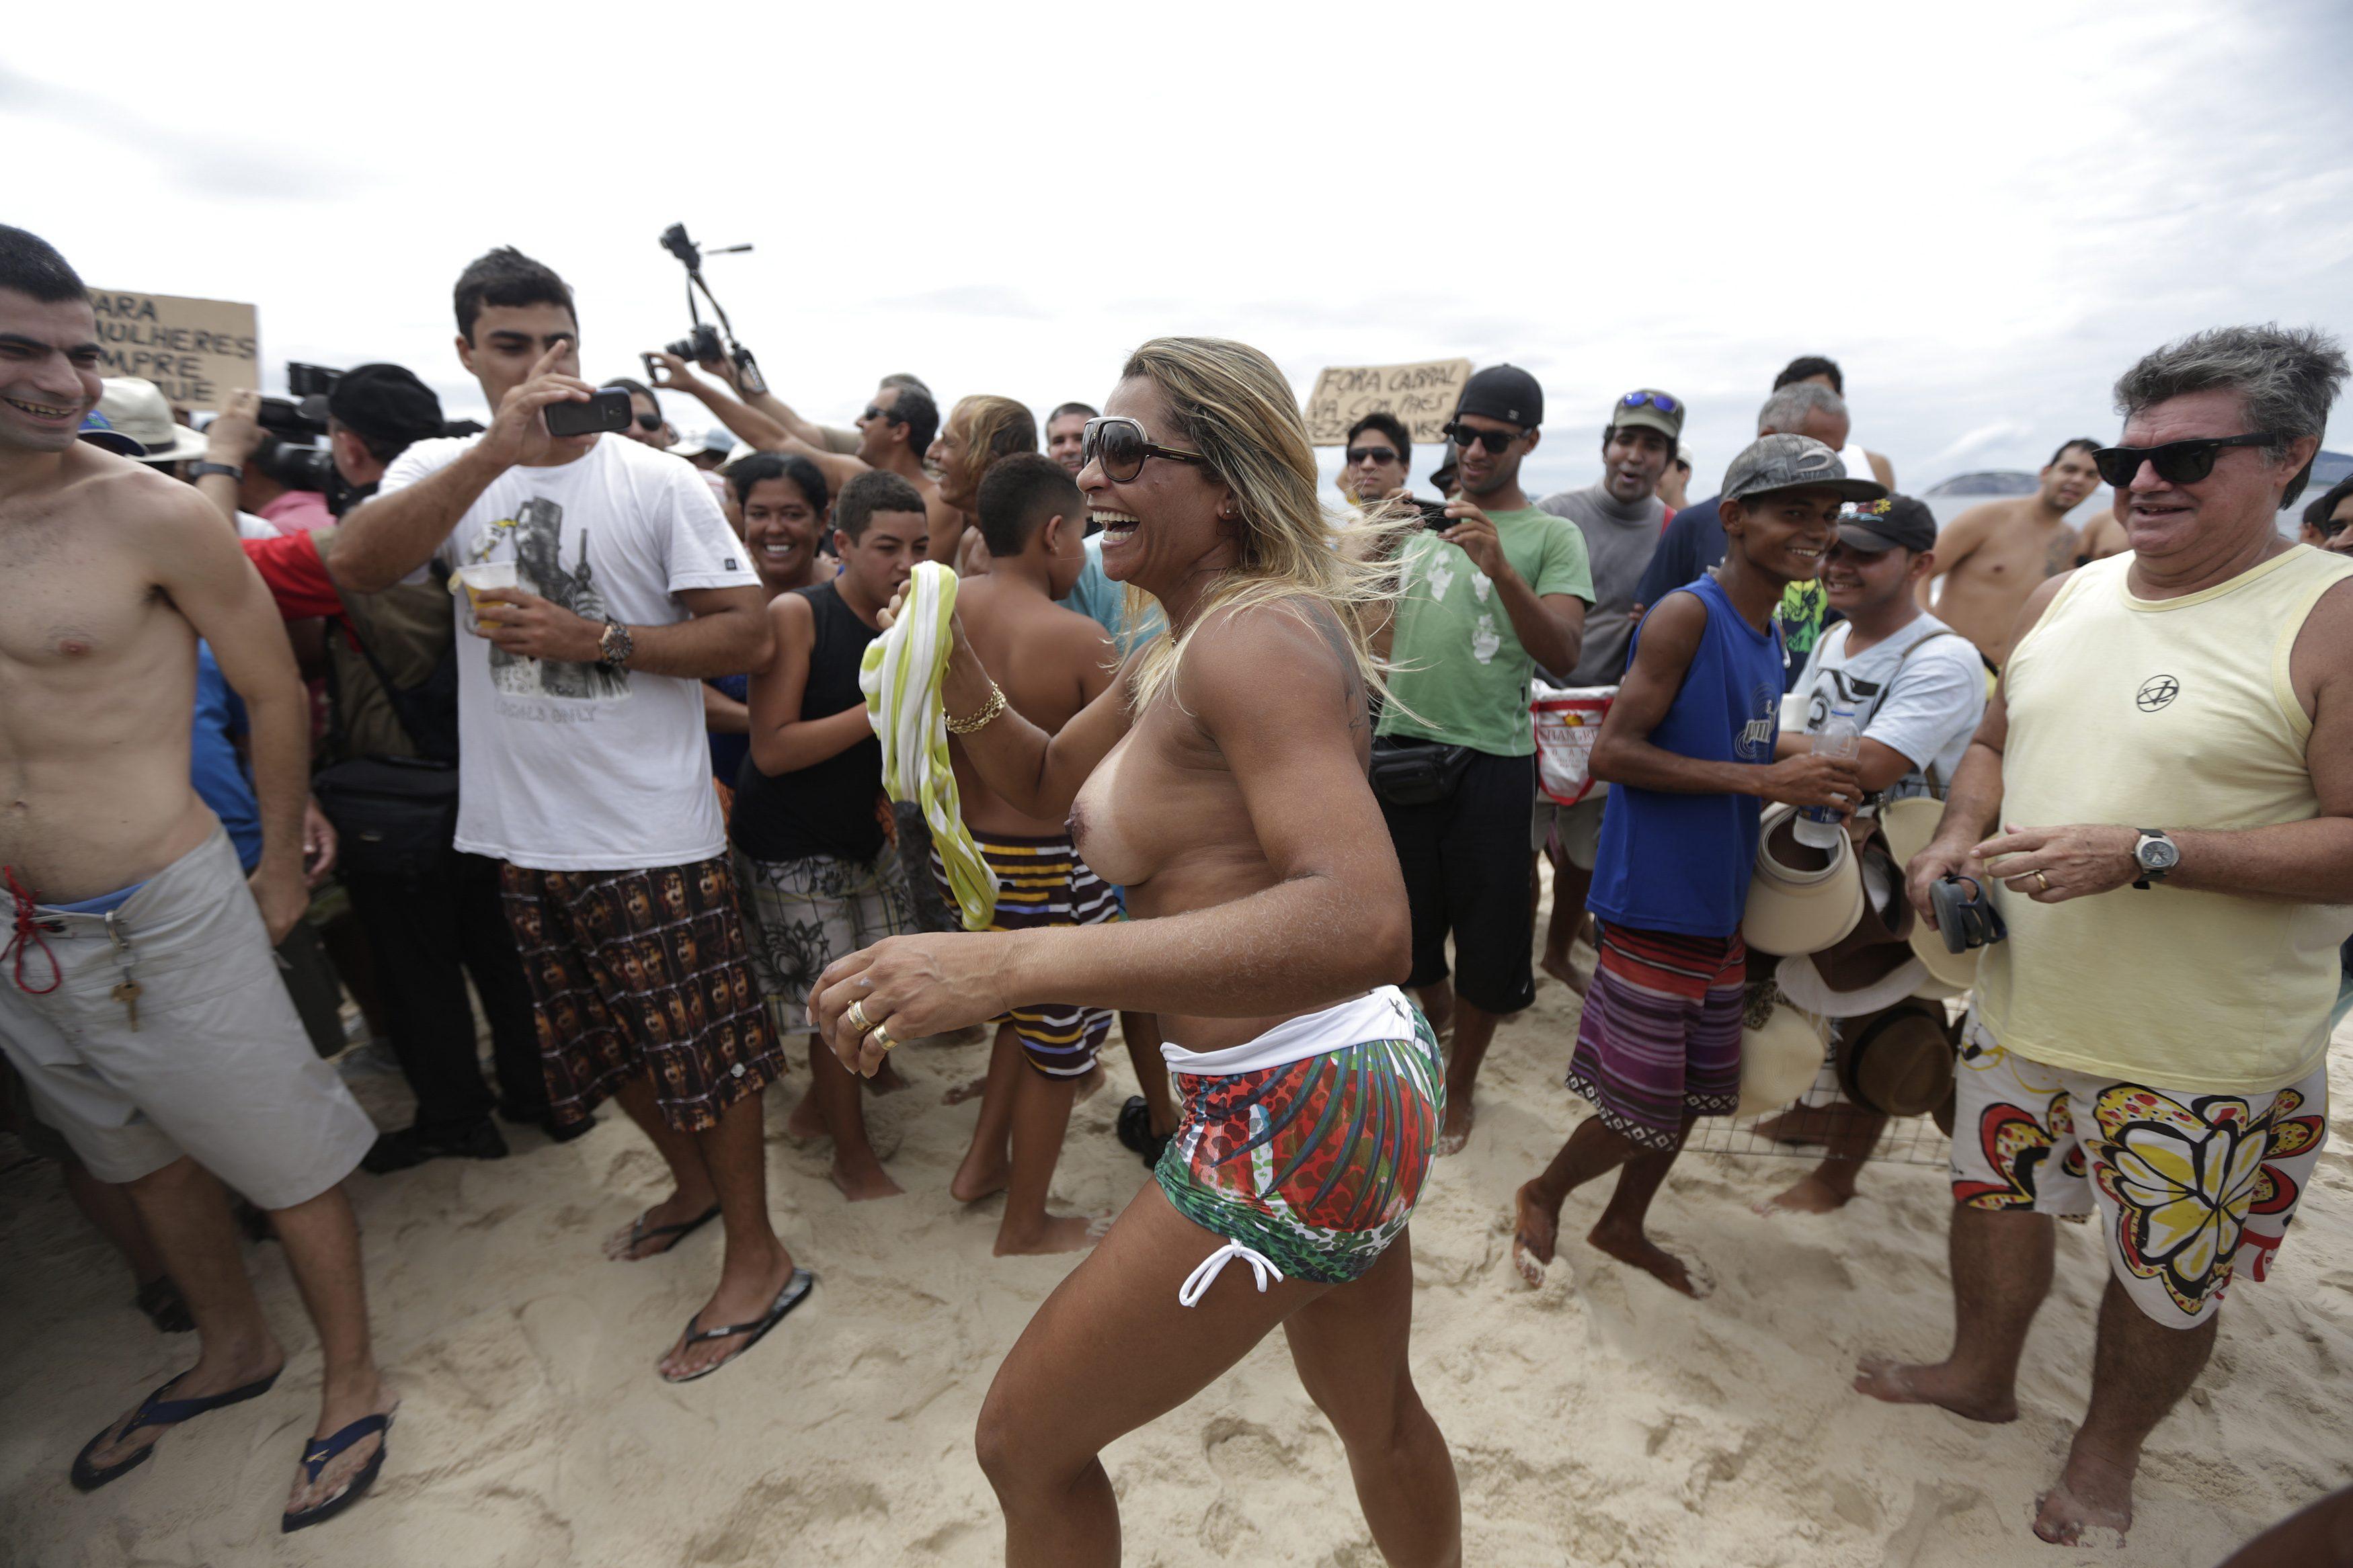 Rio designates first nudist beach